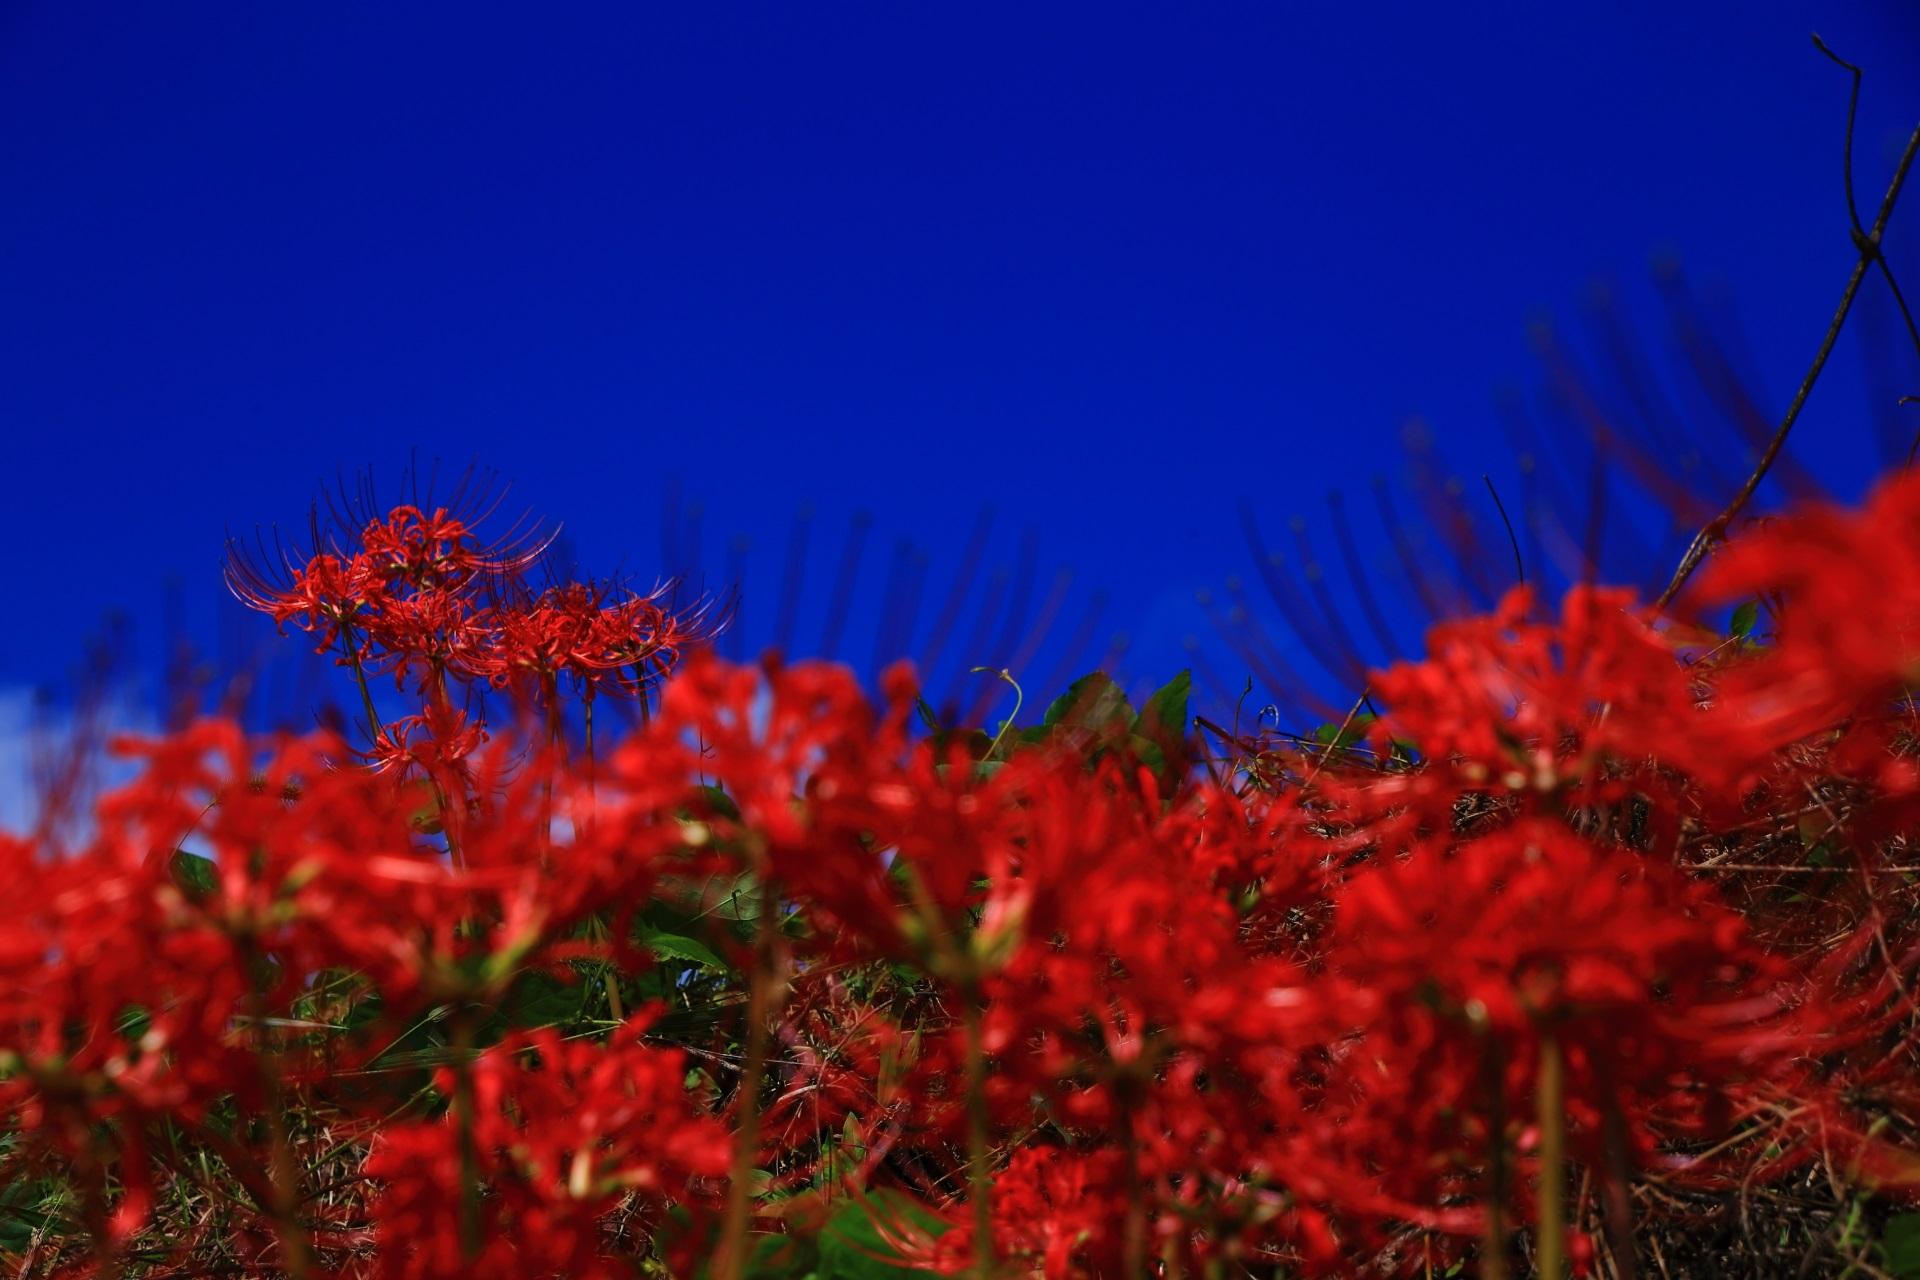 さわやかな初秋の雰囲気が漂う彼岸花咲く大原の里